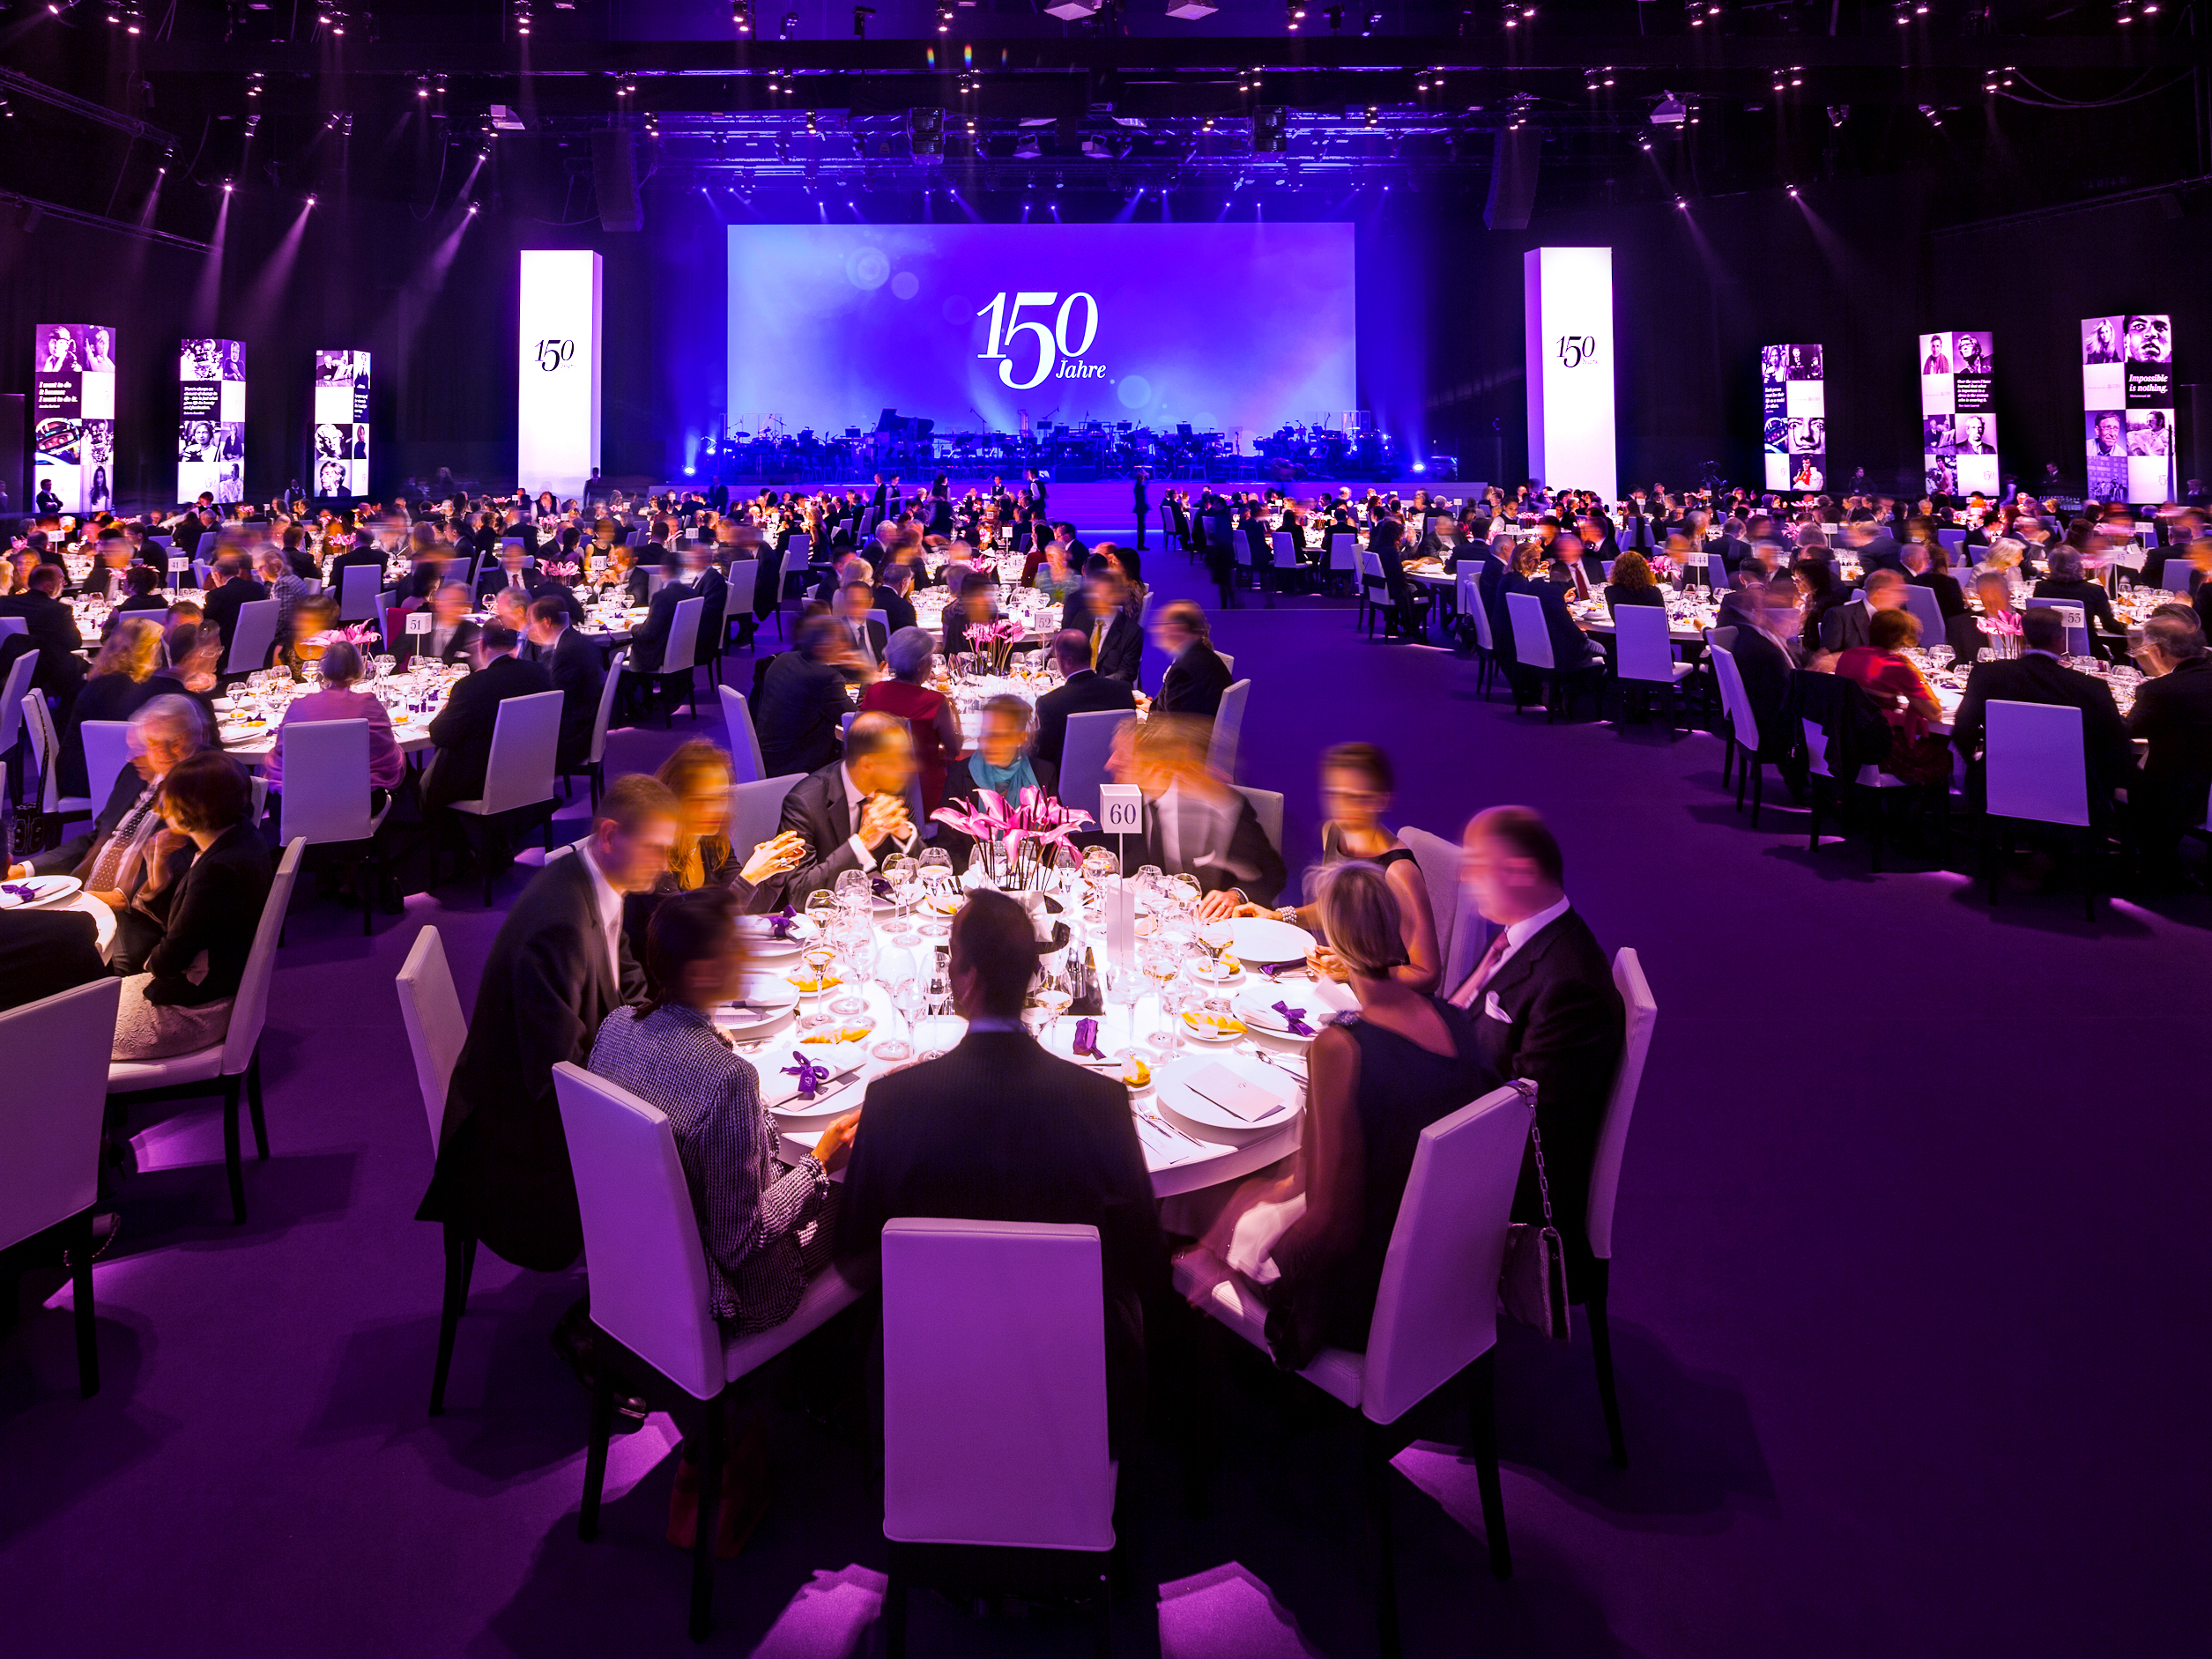 UBS 150 Jahre Jubiläum Event